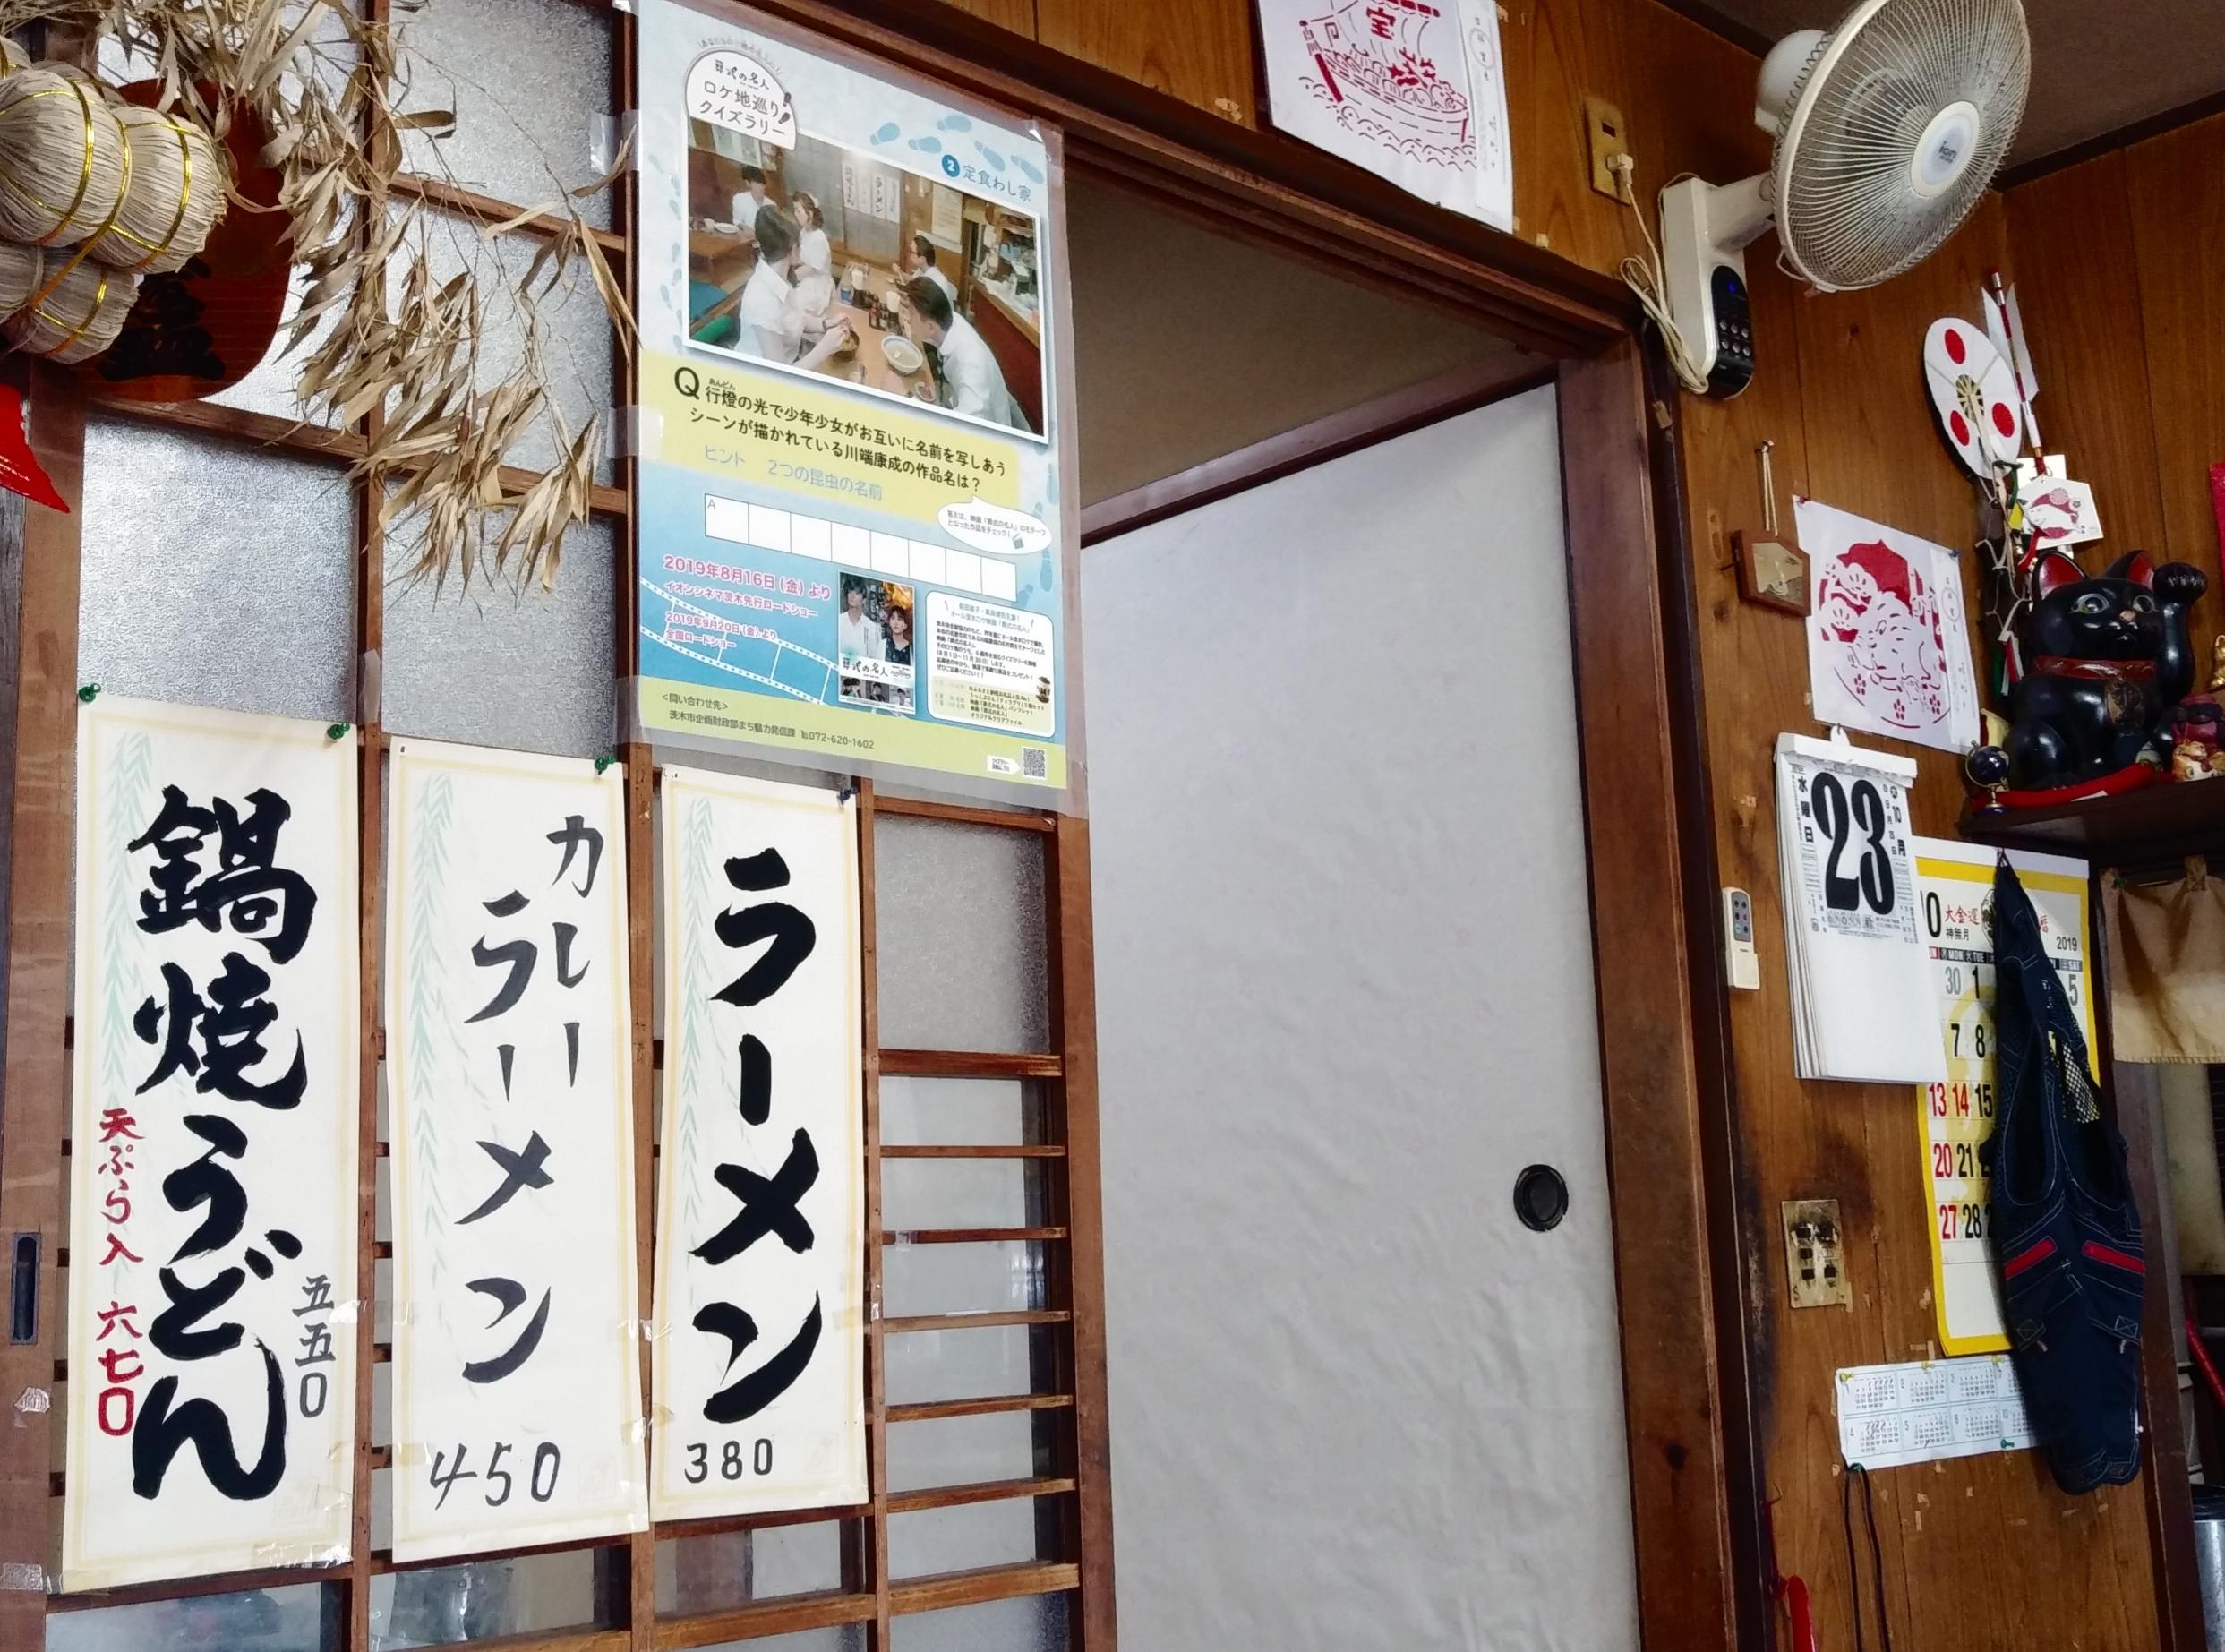 茨木パワースポット 風水 葬式の名人